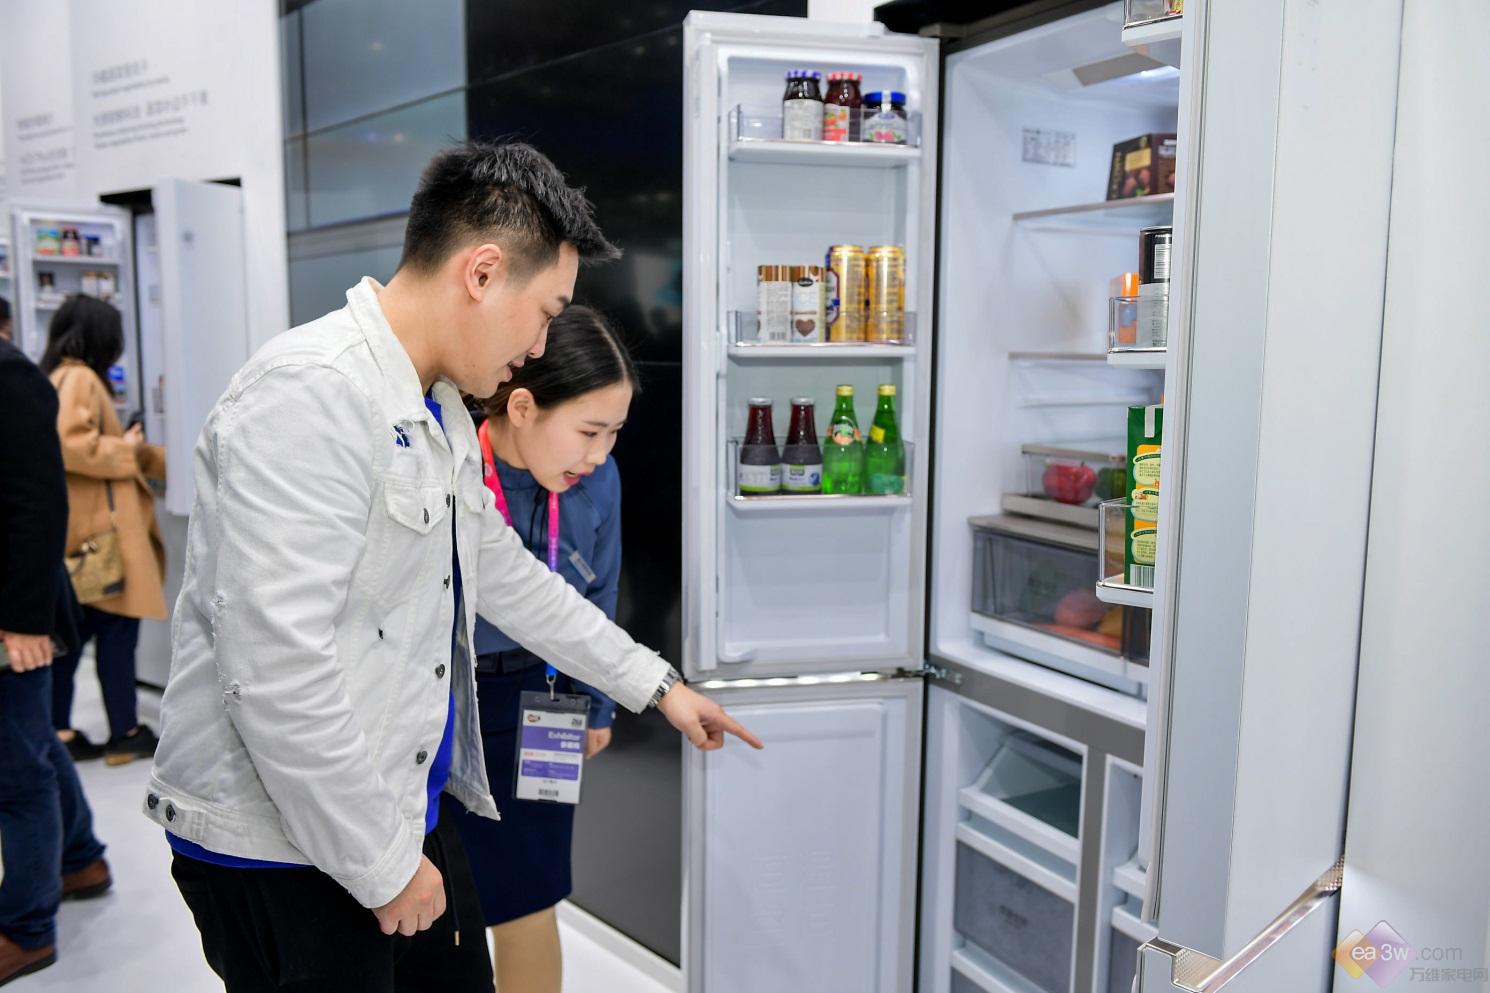 海尔携3大机构发布《健康膳食存储白皮书》,指导消费者科学储鲜